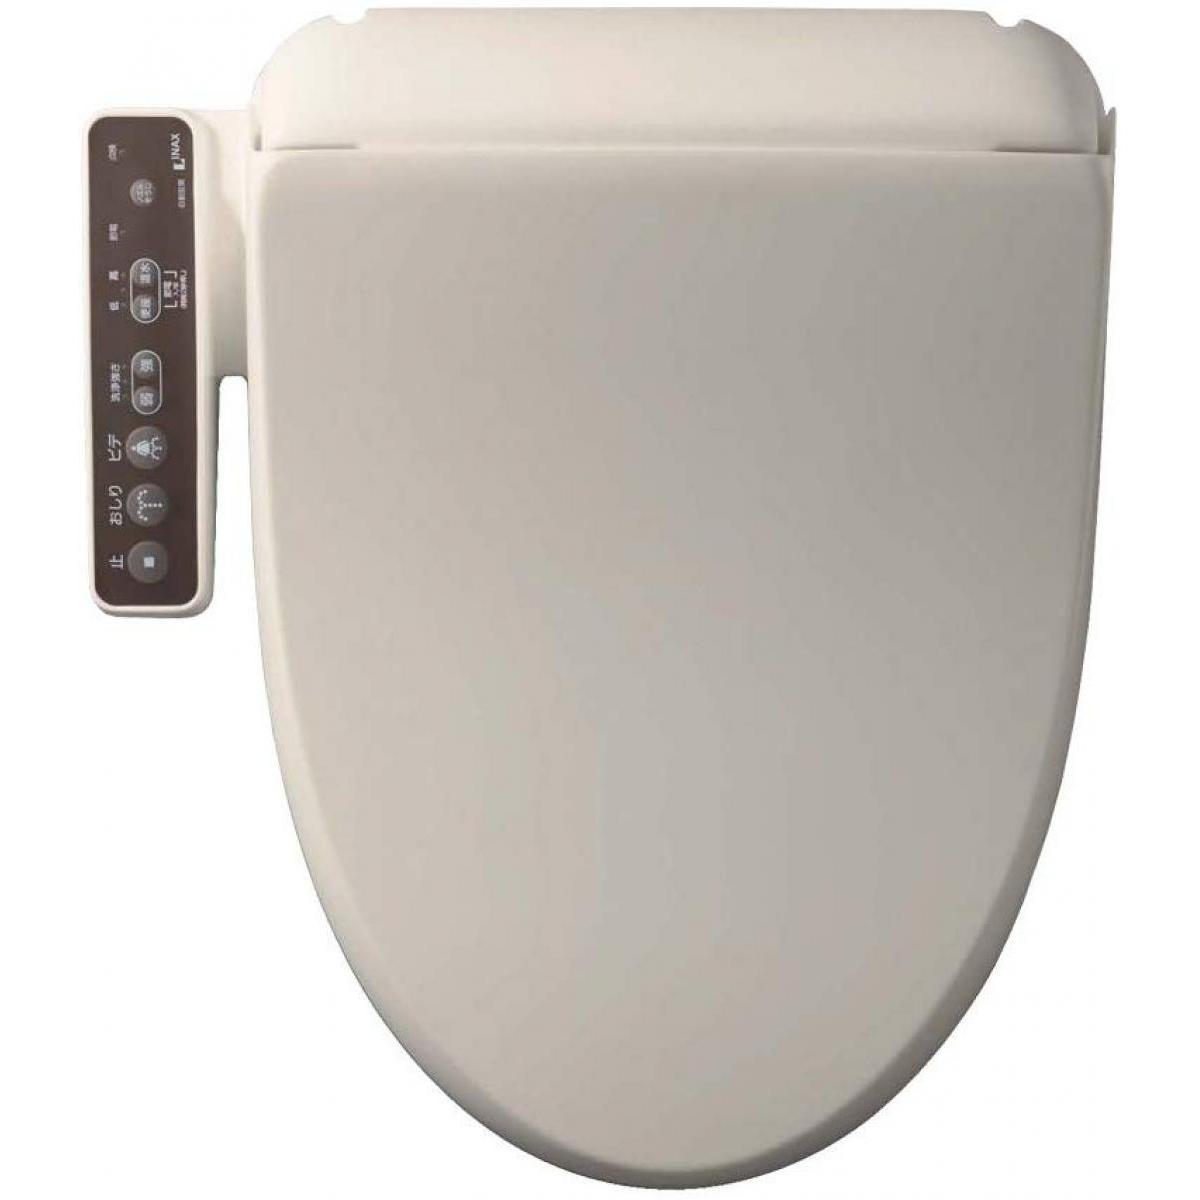 【エントリーでポイント9倍】【在庫有】INAX CW-RG1/BN8 温水洗浄便座 シャワートイレ RGシリーズ オフホワイト【05/09 20:00~05/16 01:59】